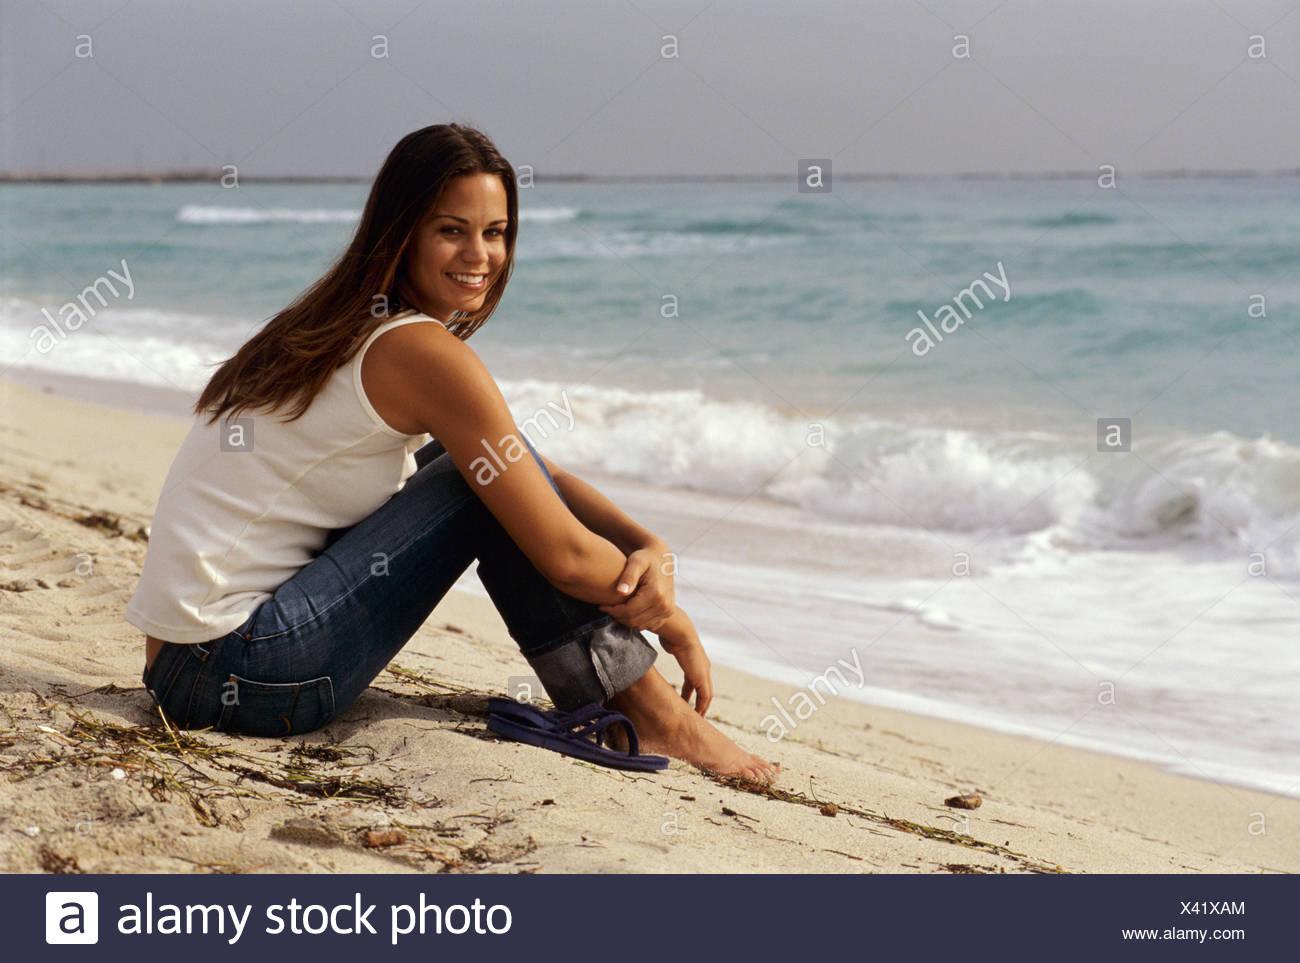 Perfil semi largo cabello morena de mujeres vestidas de blanco chaleco top  y pantalones vaqueros azul 98b9fdb649b0